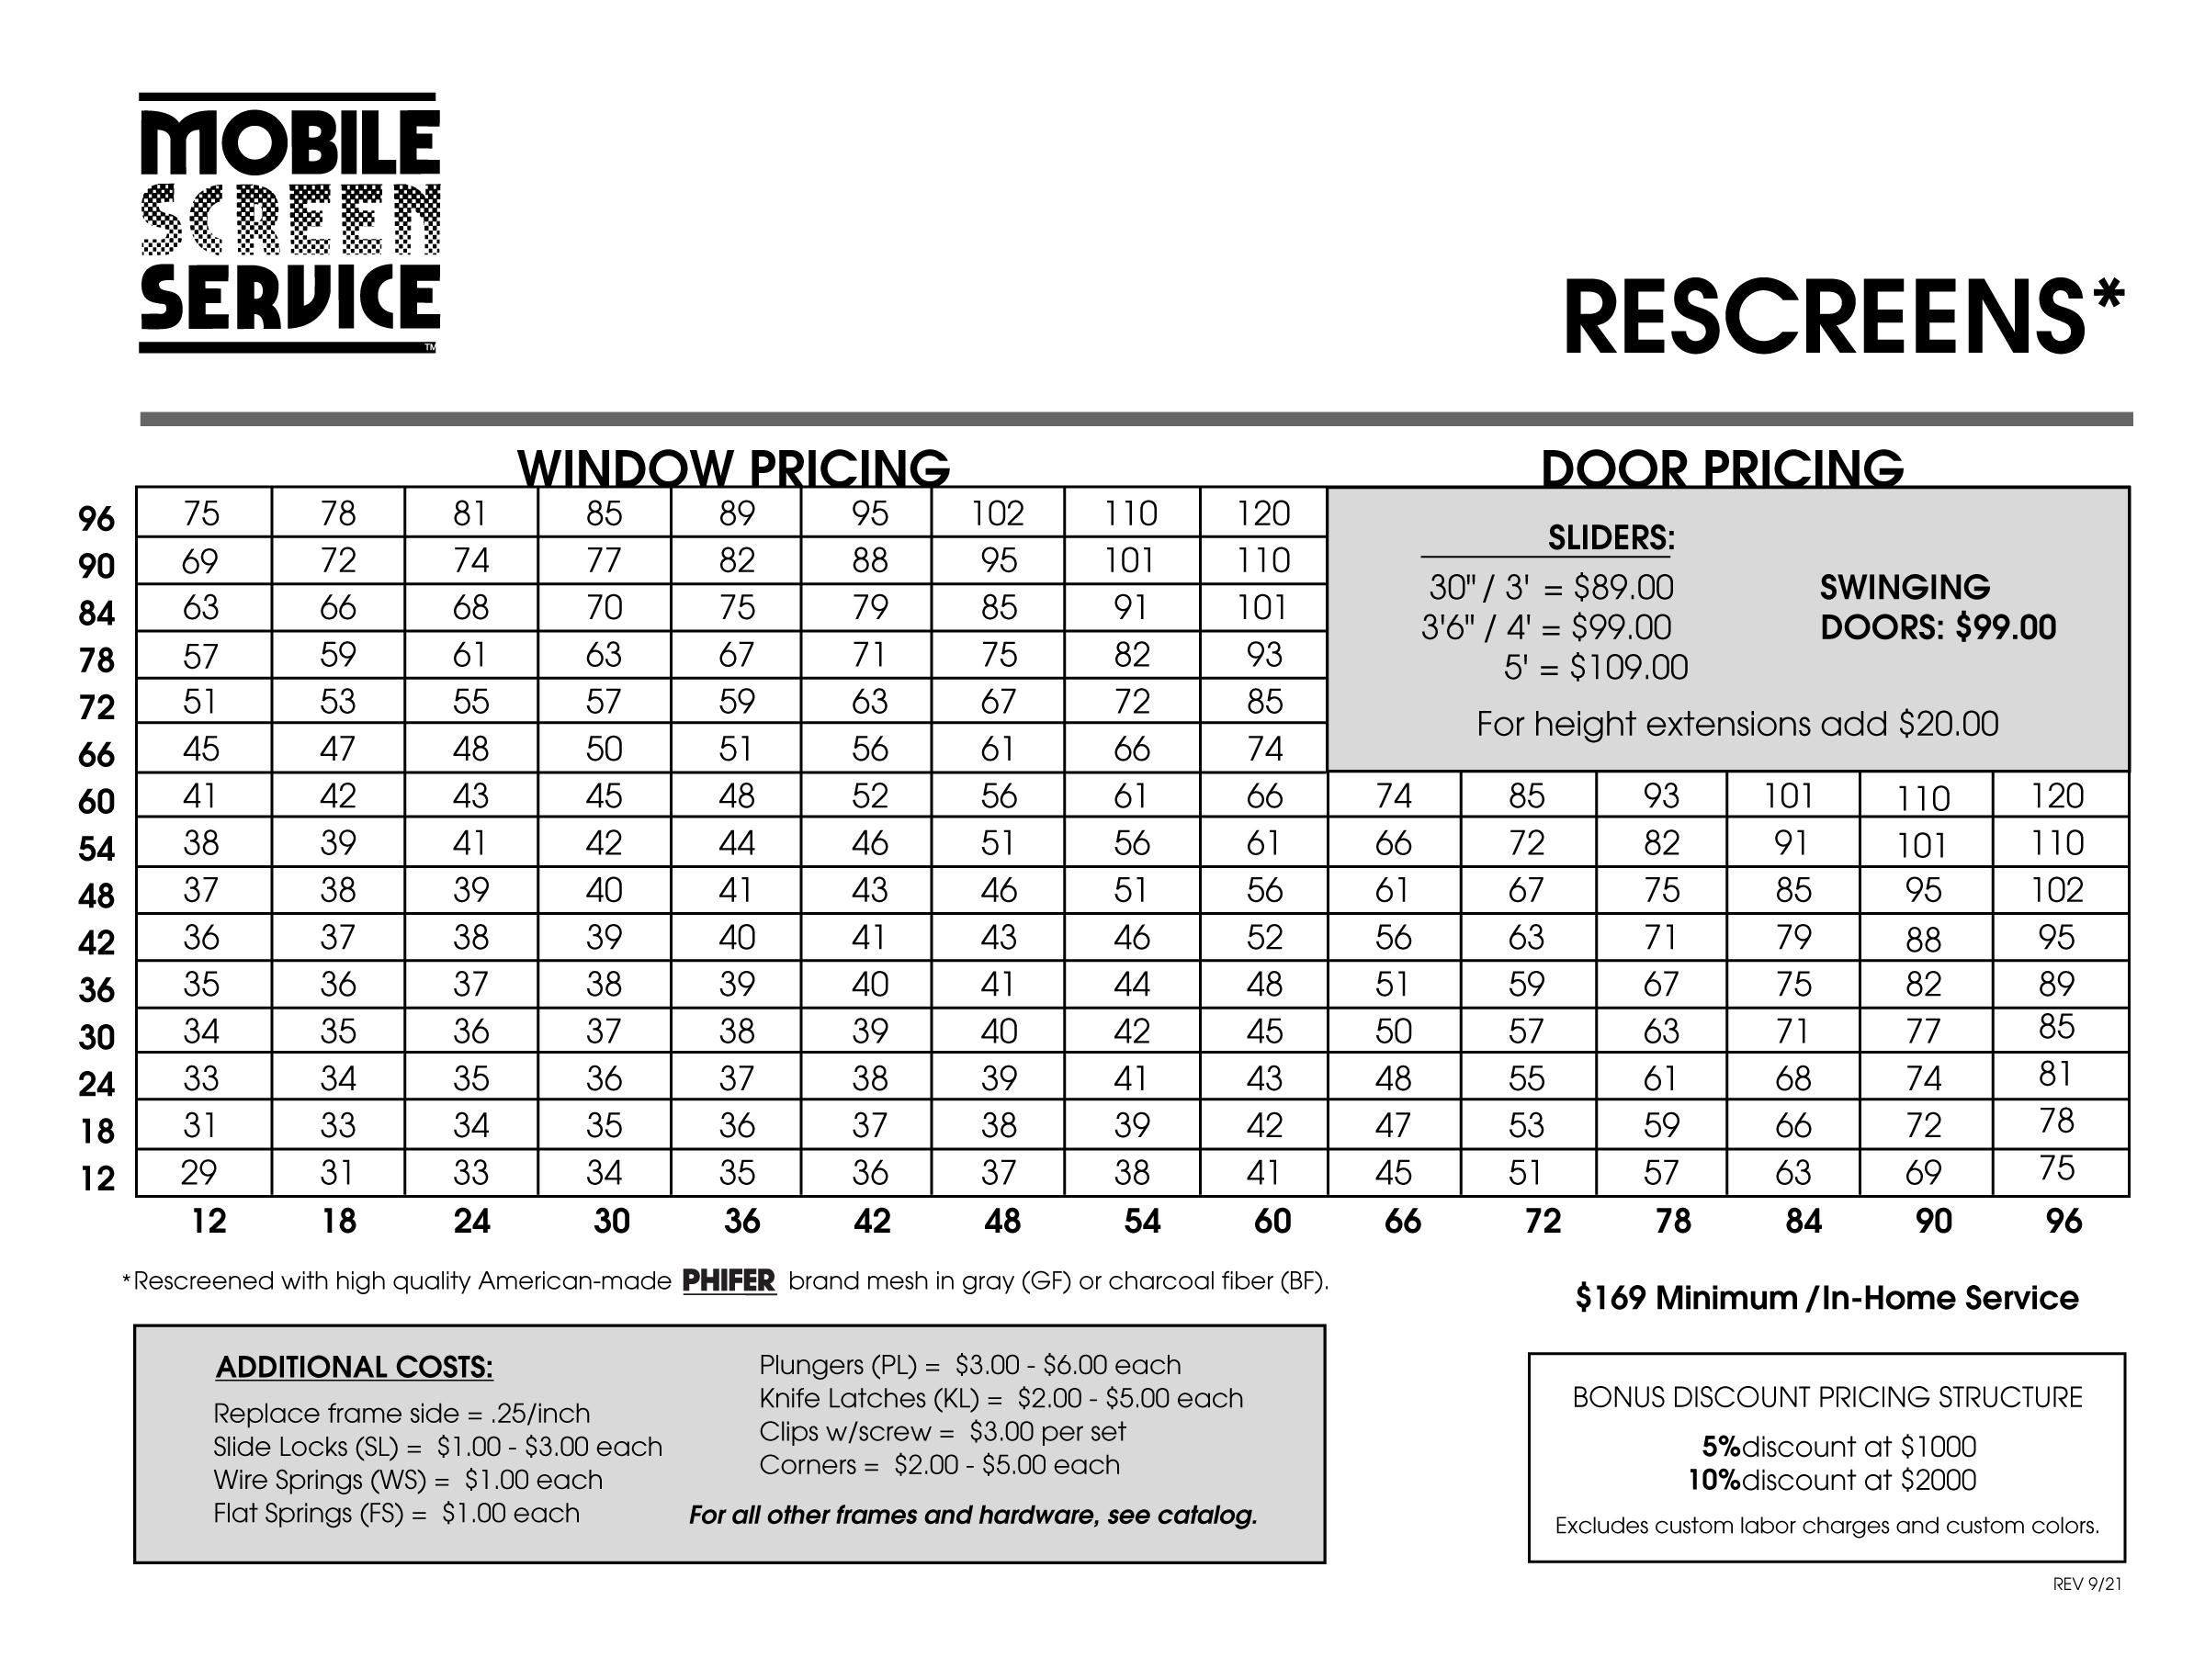 MSS-Price-Sheet-RE-9-21